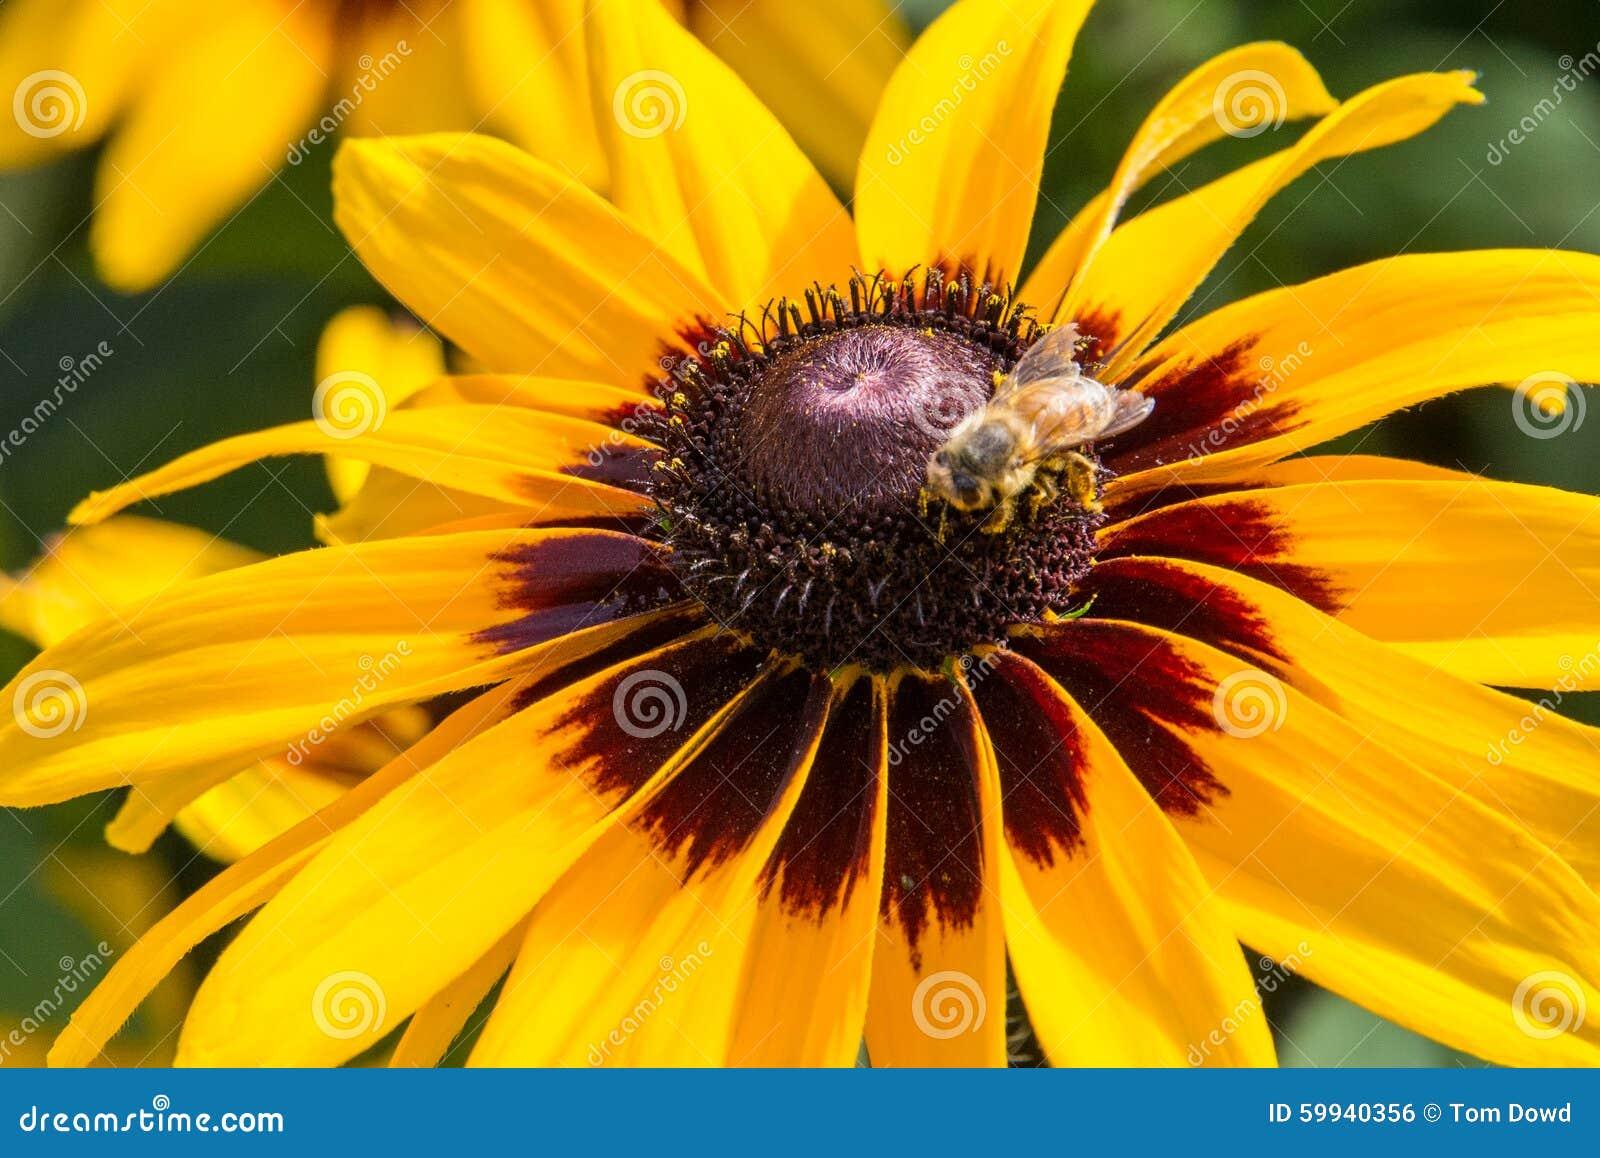 Honeybee on rudbeckia